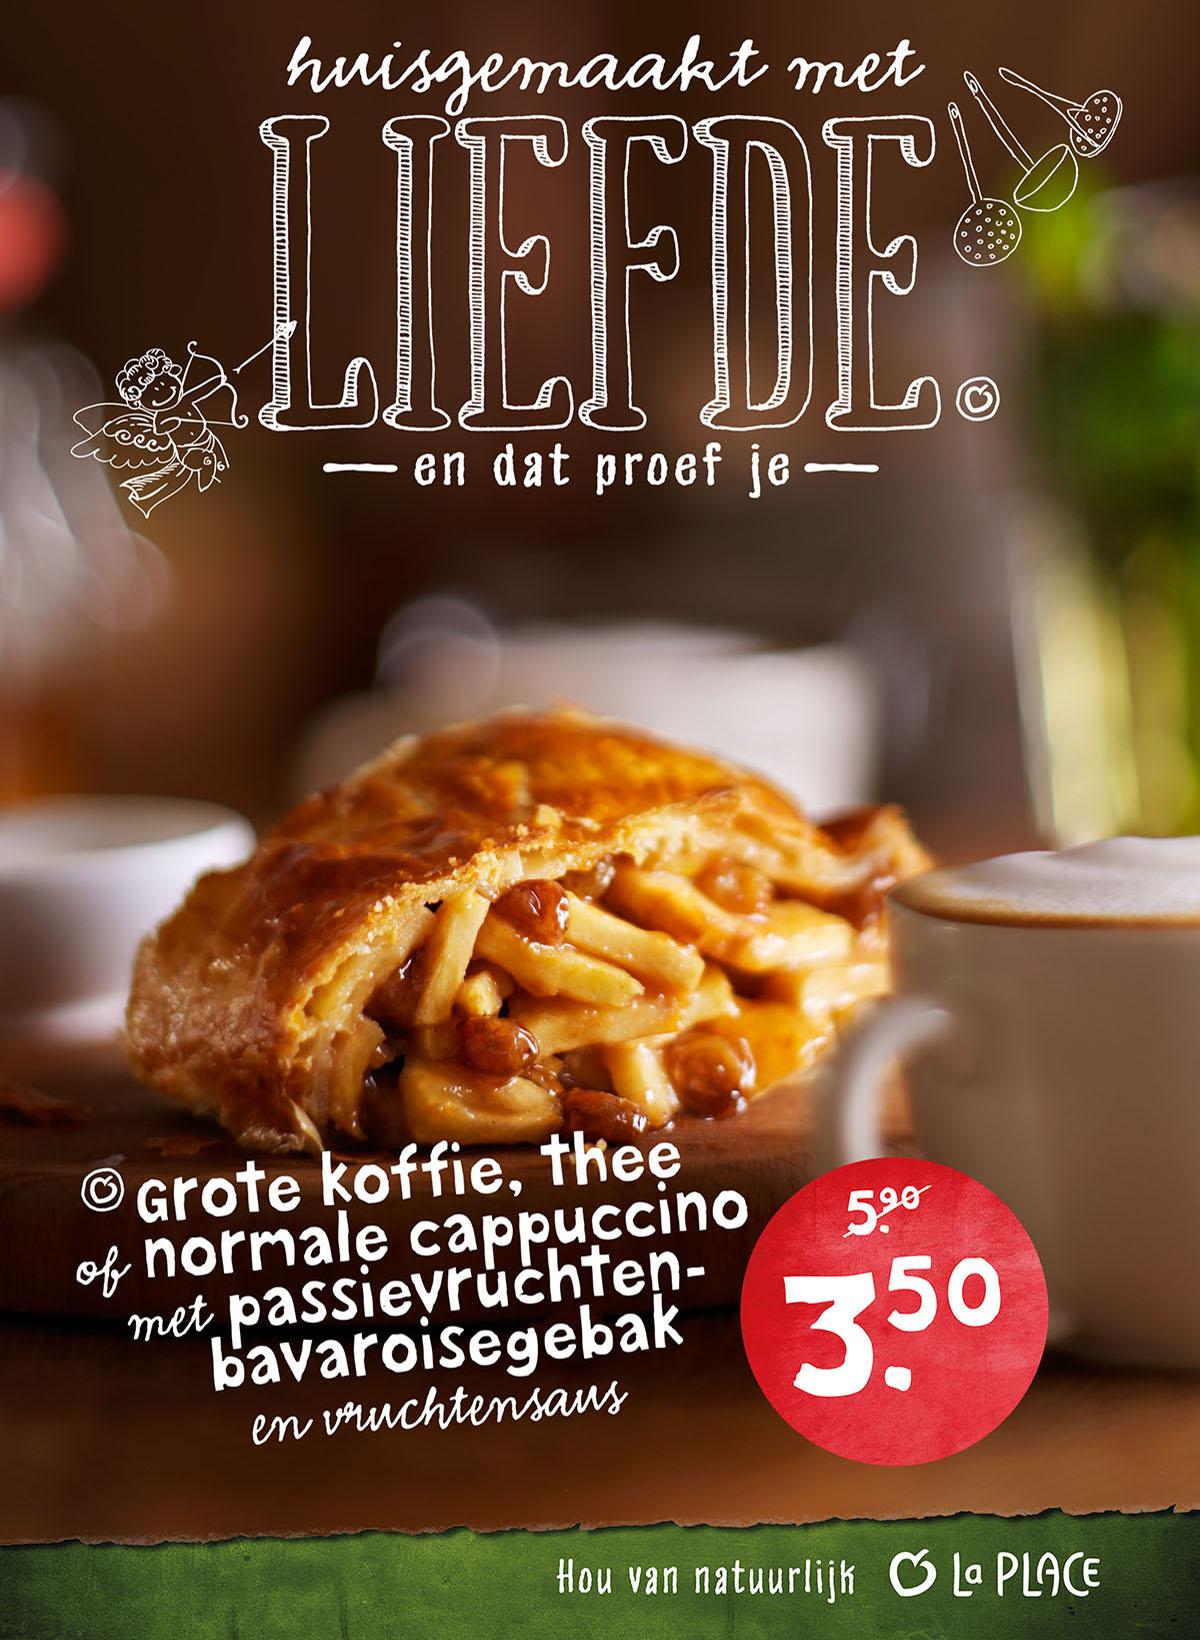 Amsterdam Food fotografie van apfelstrudel met een kopje koffie gemaakt door Studio_m Fotografie Amsterdam